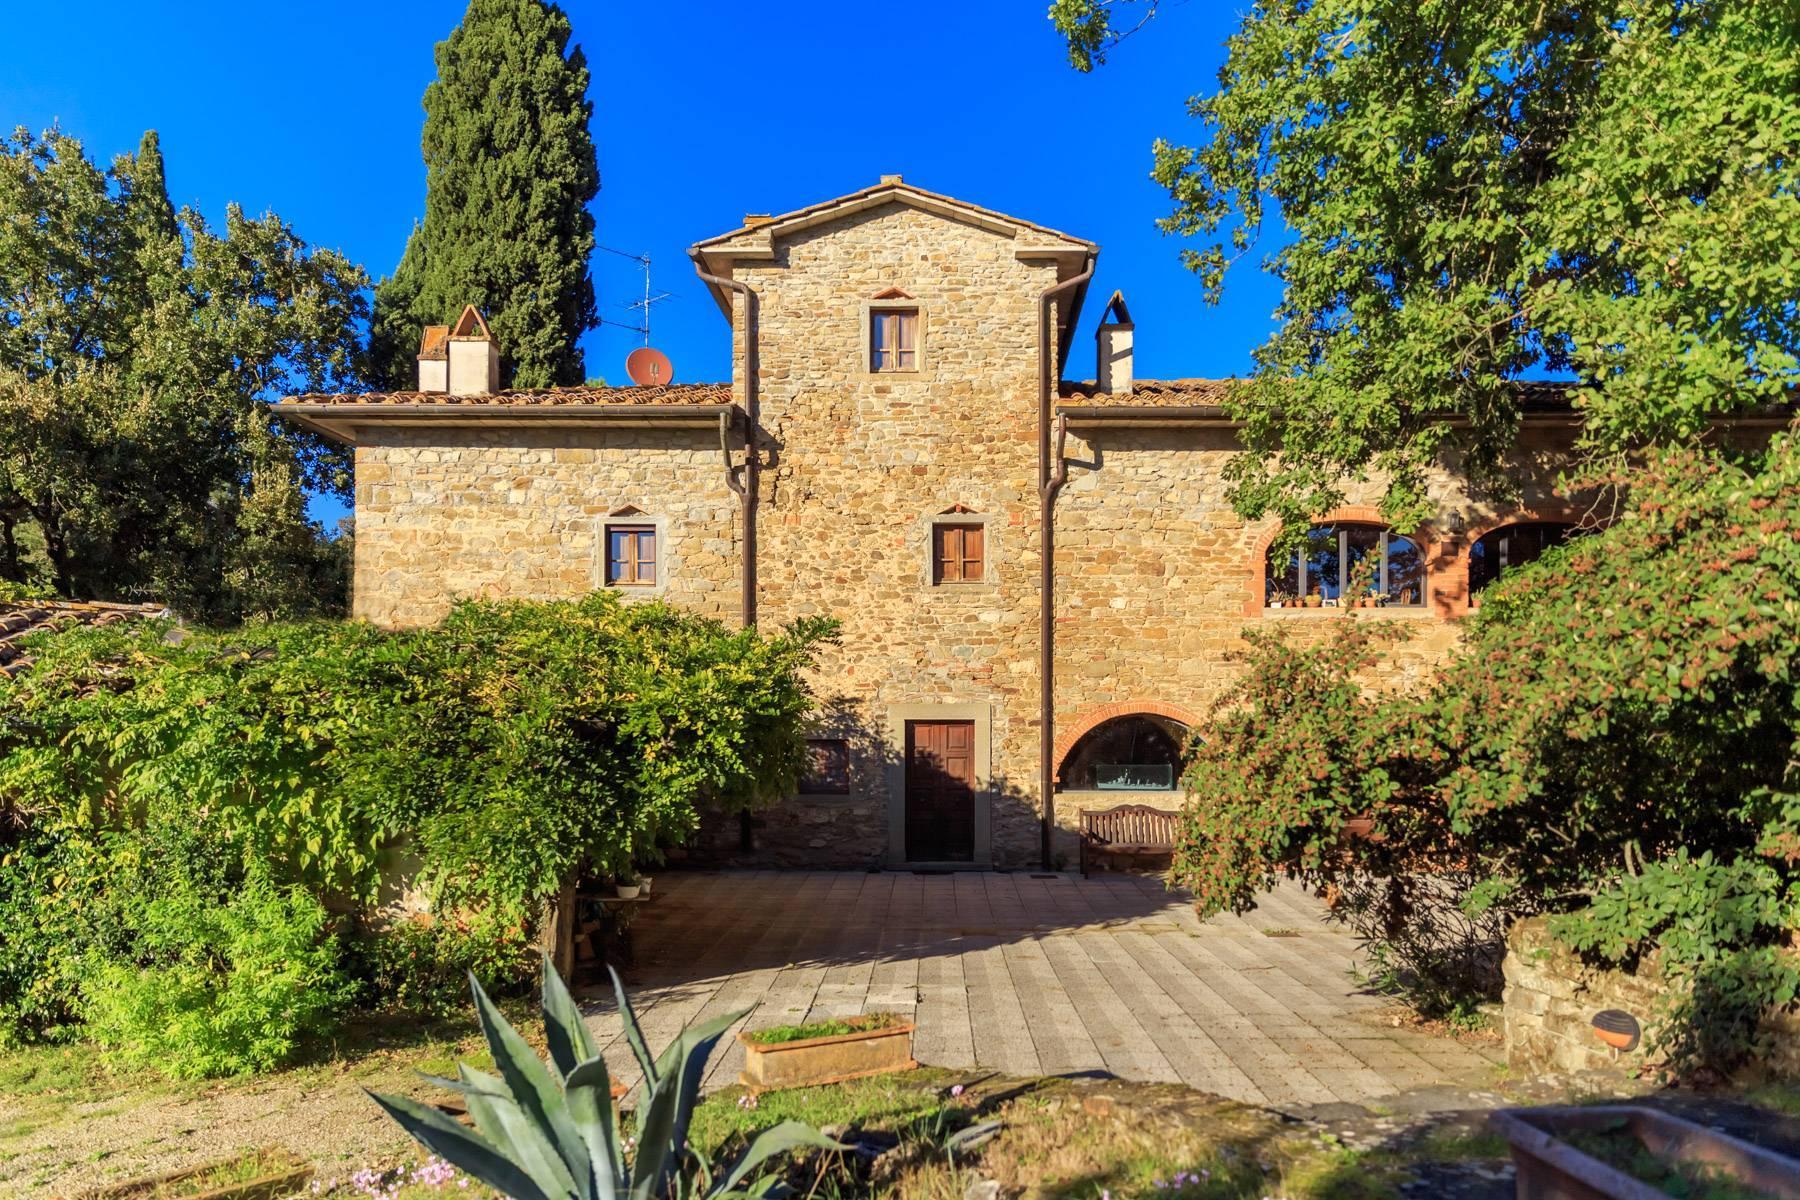 Historische Villa in der toskanischen Landschaft - 1